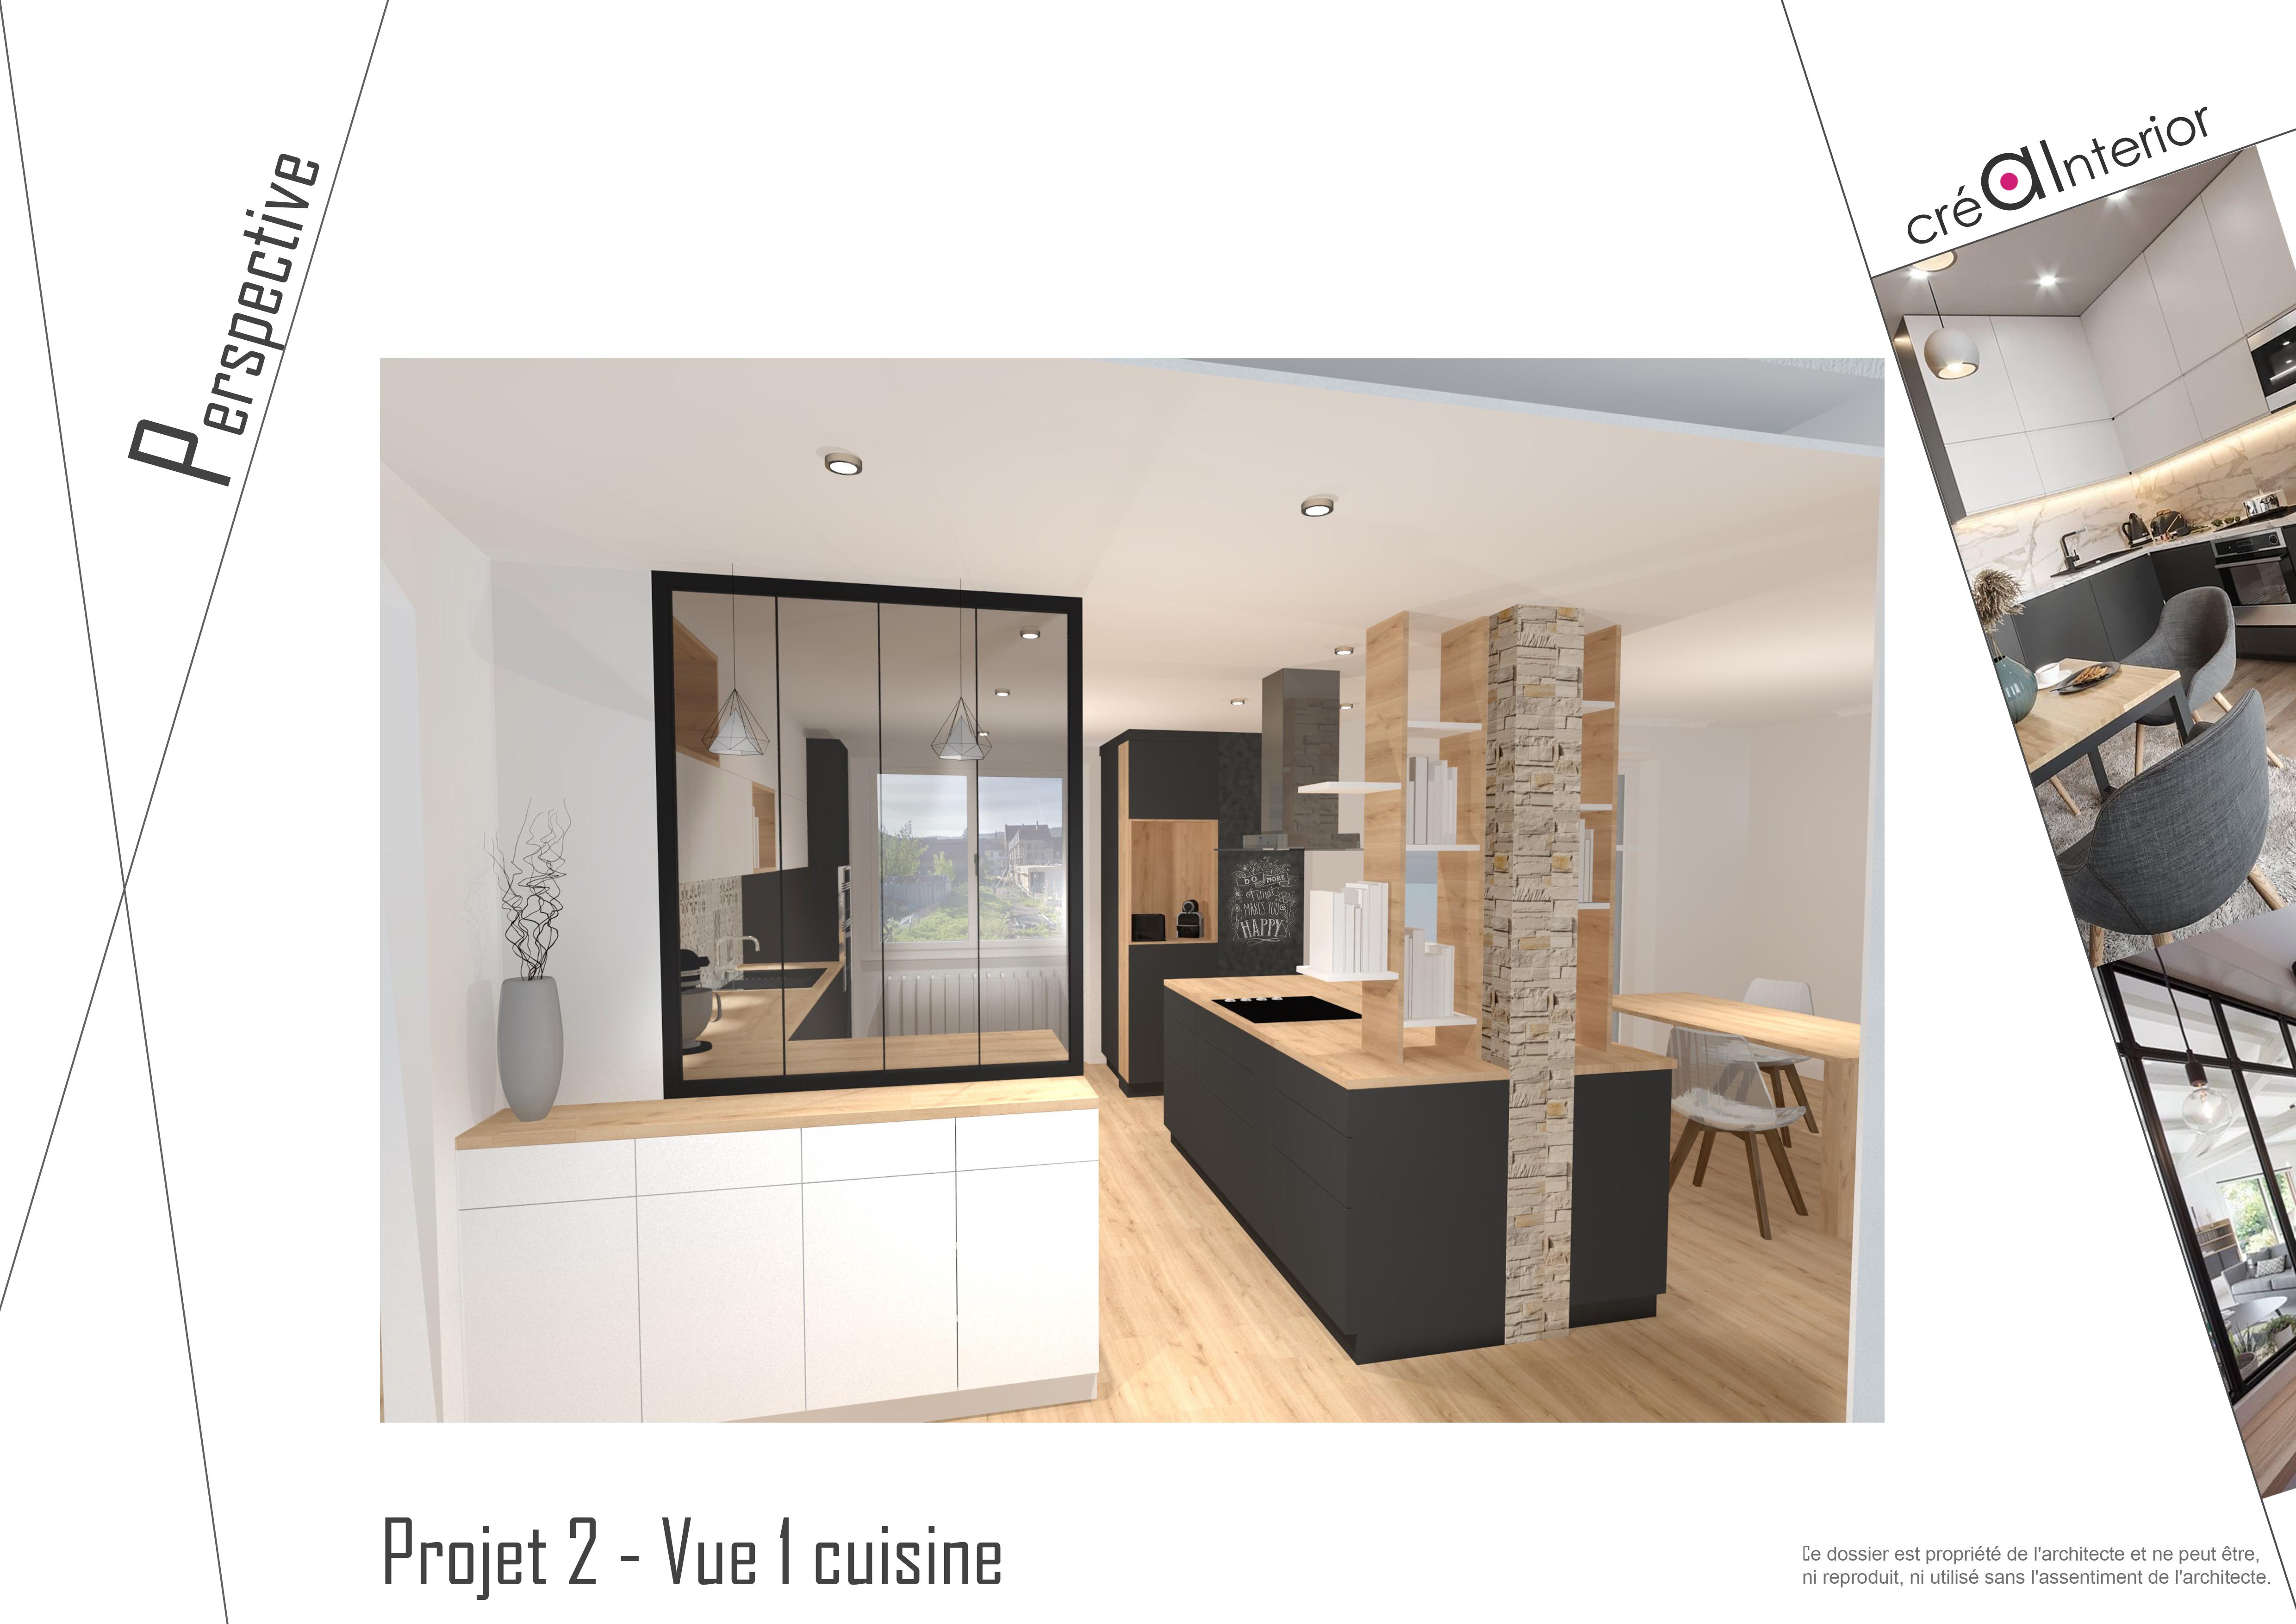 V2 cuisine 03-10-2019 copie